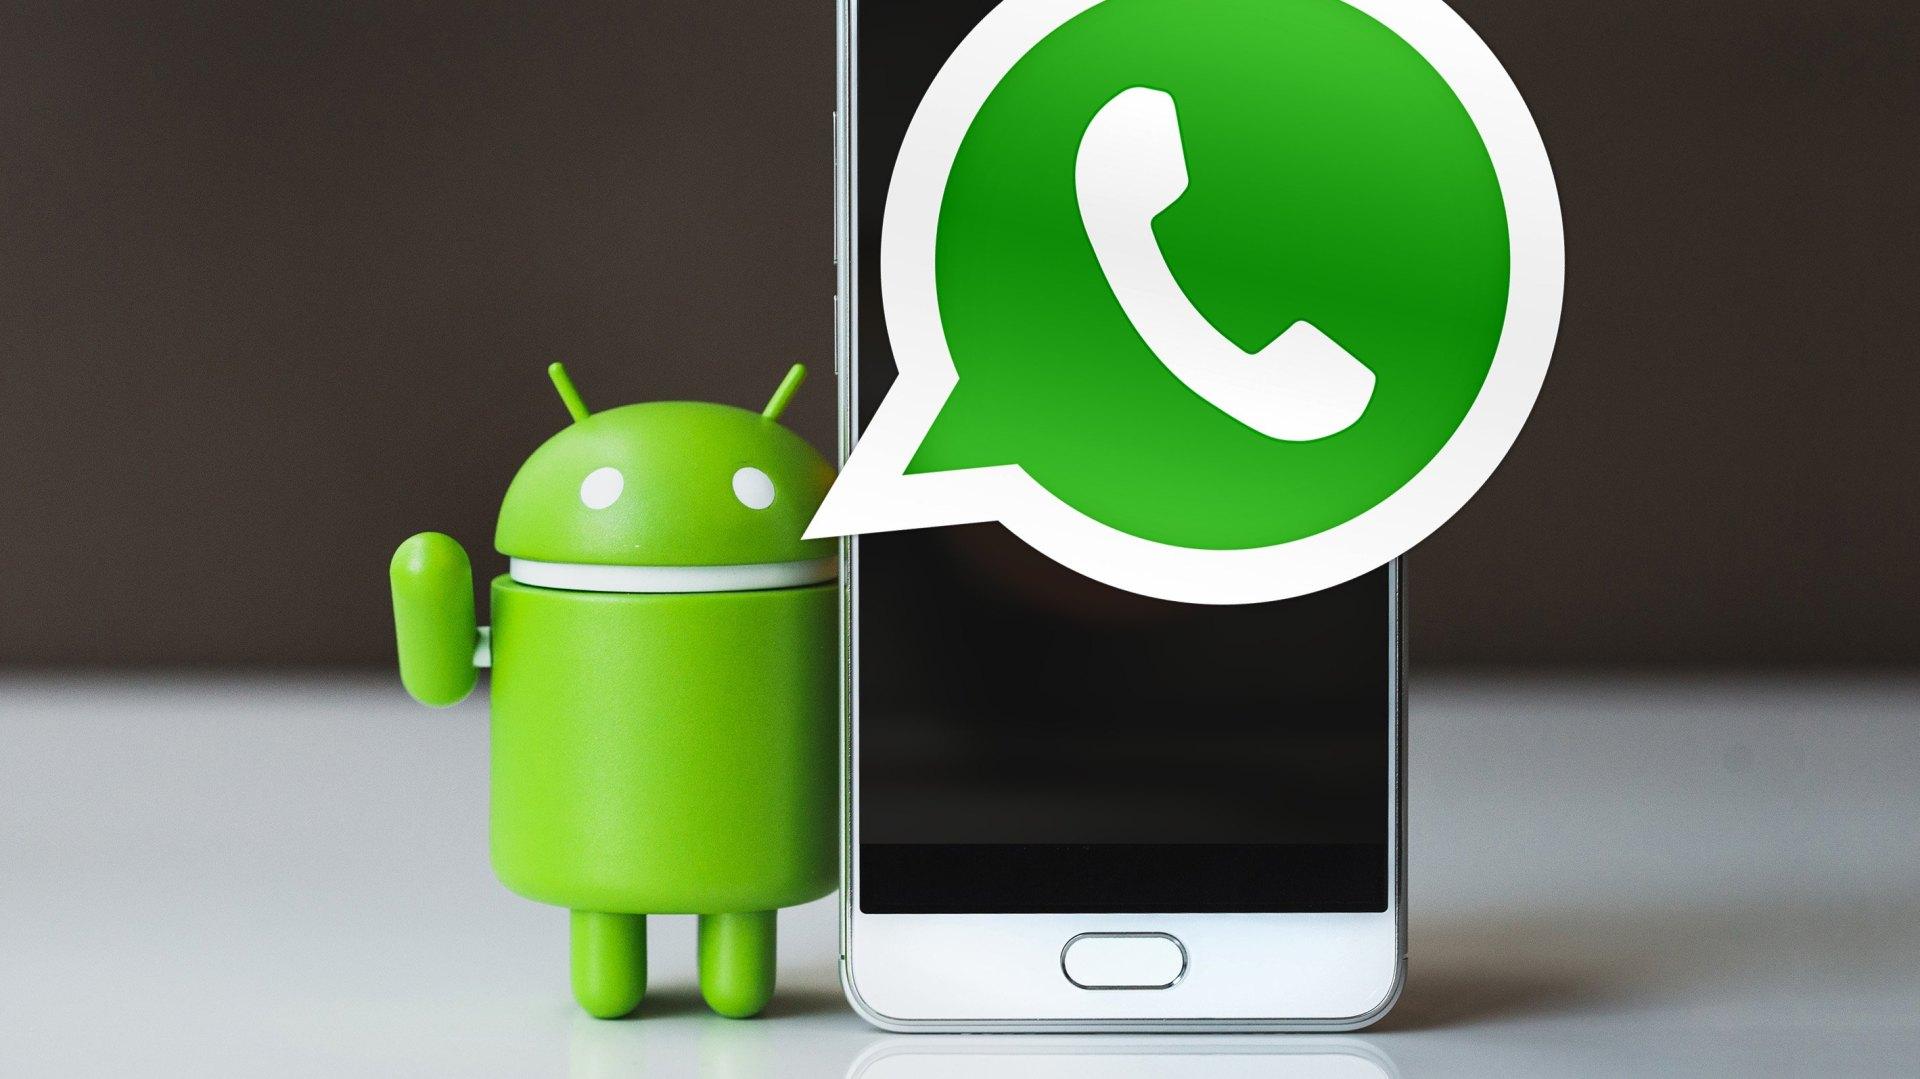 comment désactiver suspendre temporairement whatsapp